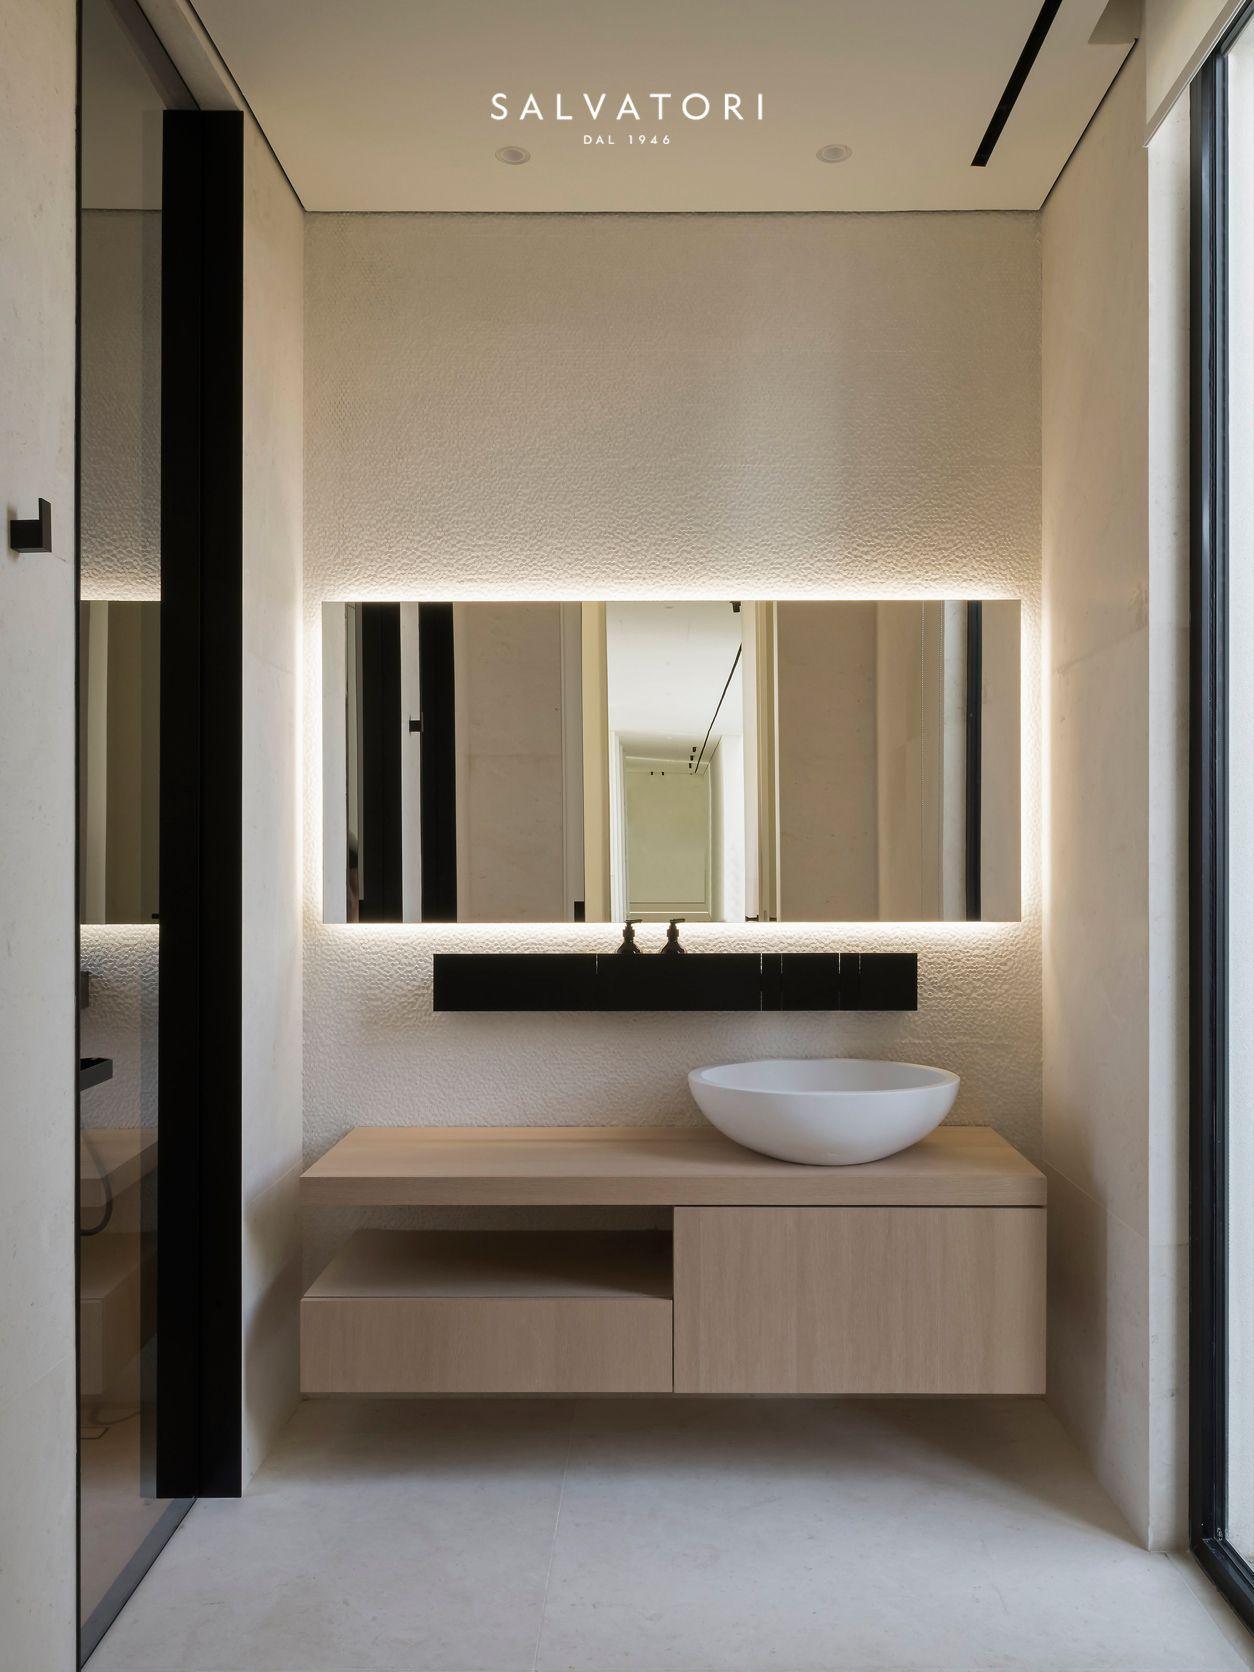 Dubai villa bath inspiraci n ba os ba os modernos e for Casa moderna bagni